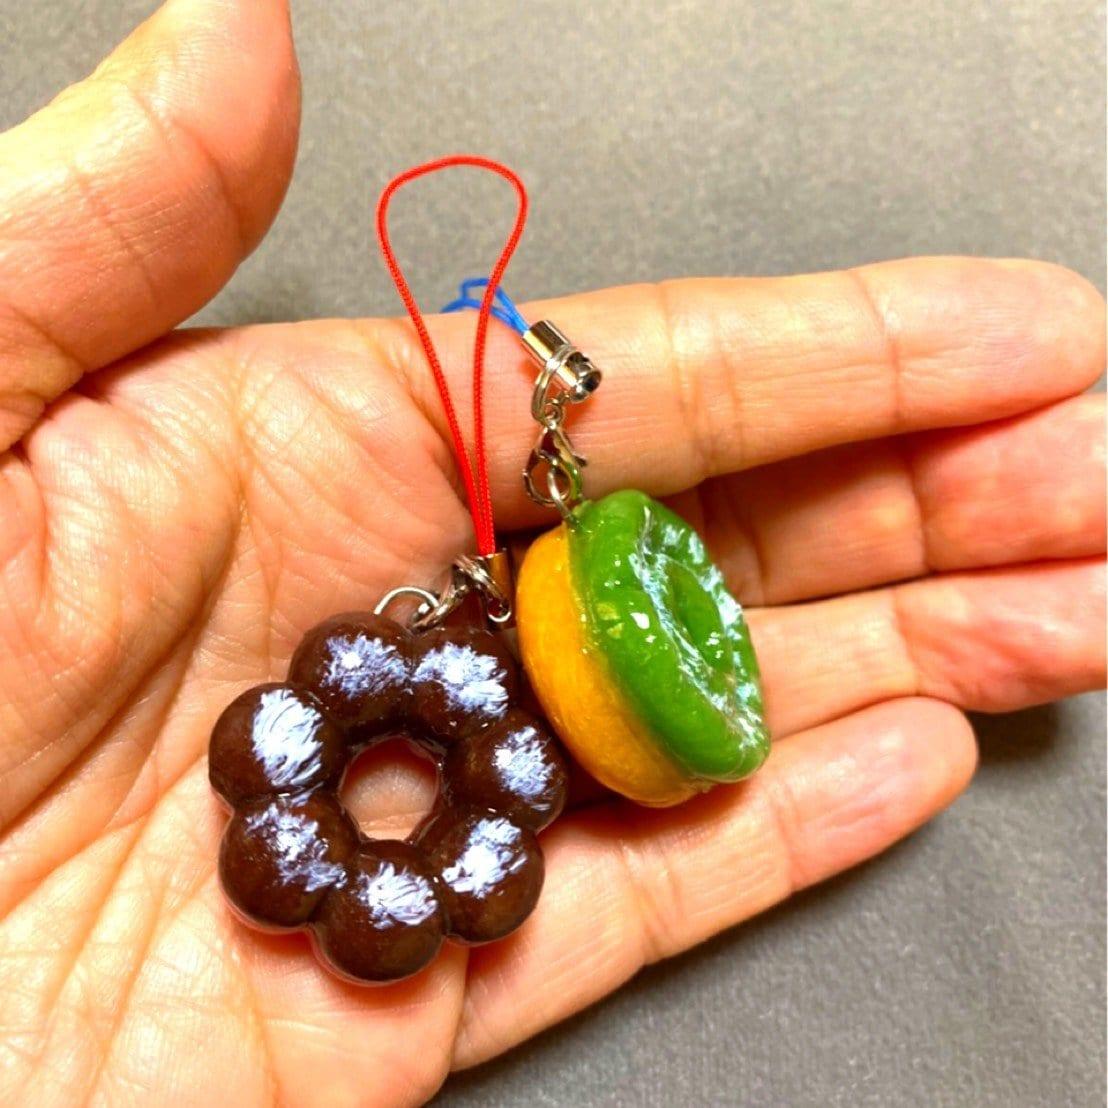 粘土で作るかわいいドーナツストラップ作り/クレイワークショップウェブチケット(500円税込50ポイント付)のイメージその2